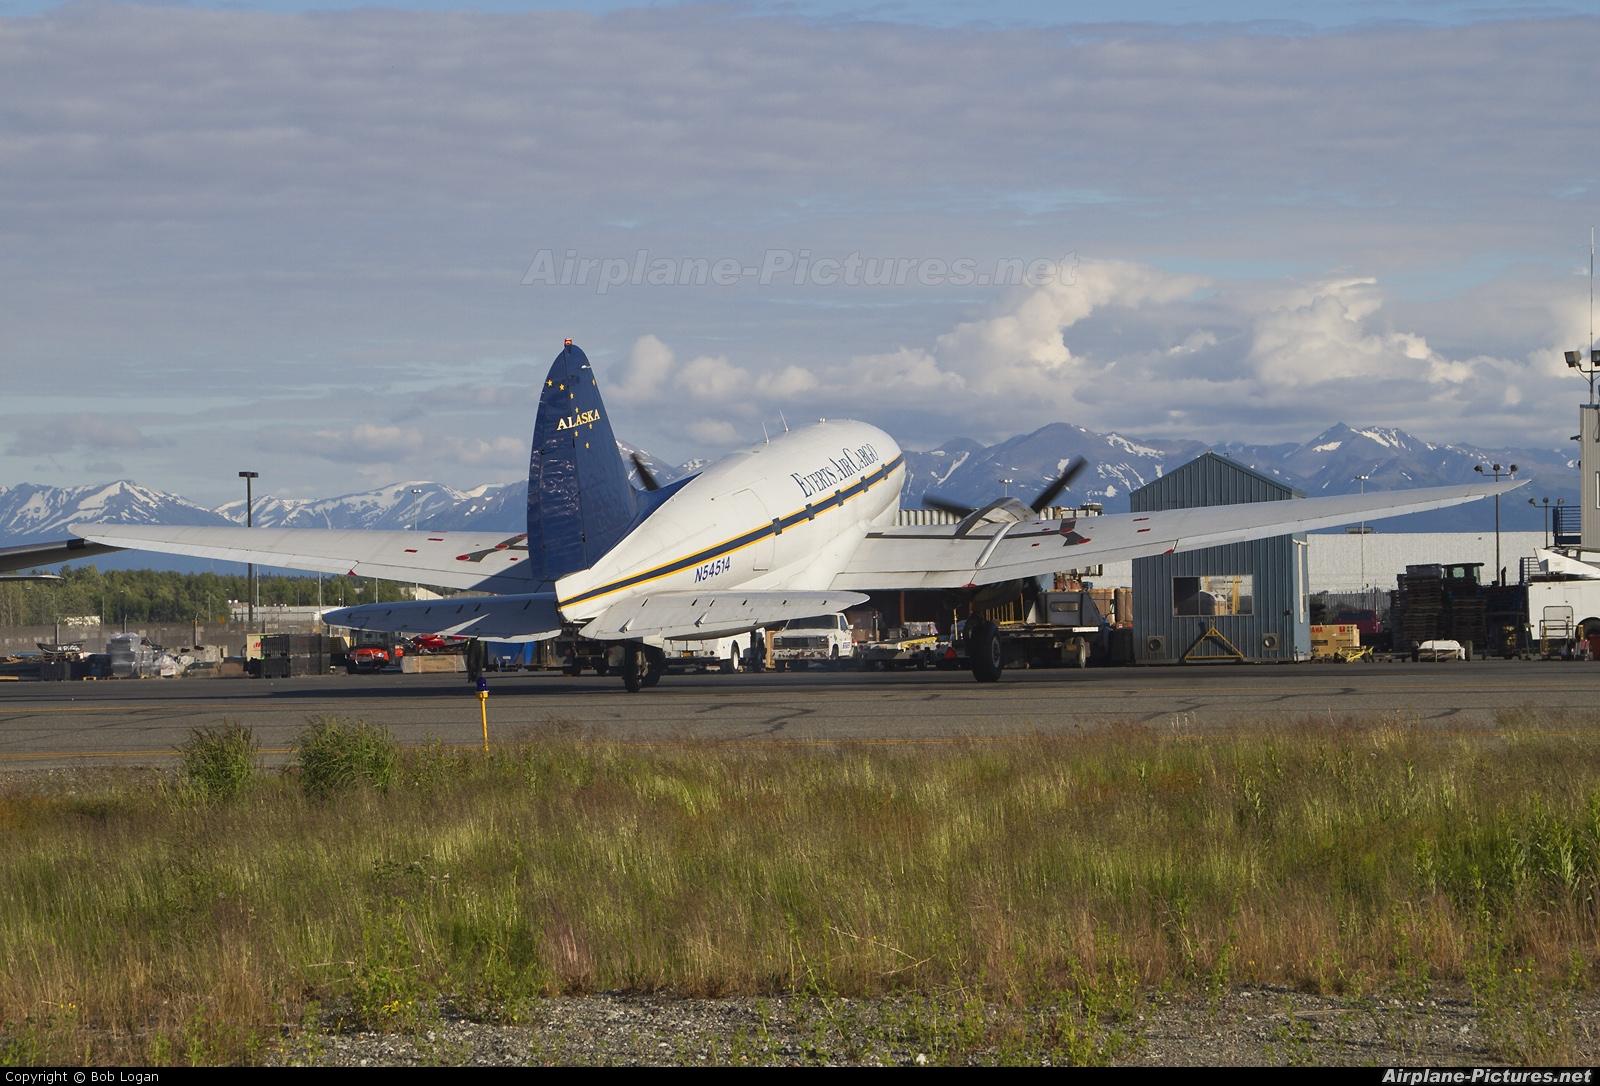 Everts Air Cargo N54514 aircraft at Anchorage - Ted Stevens Intl / Kulis Air National Guard Base